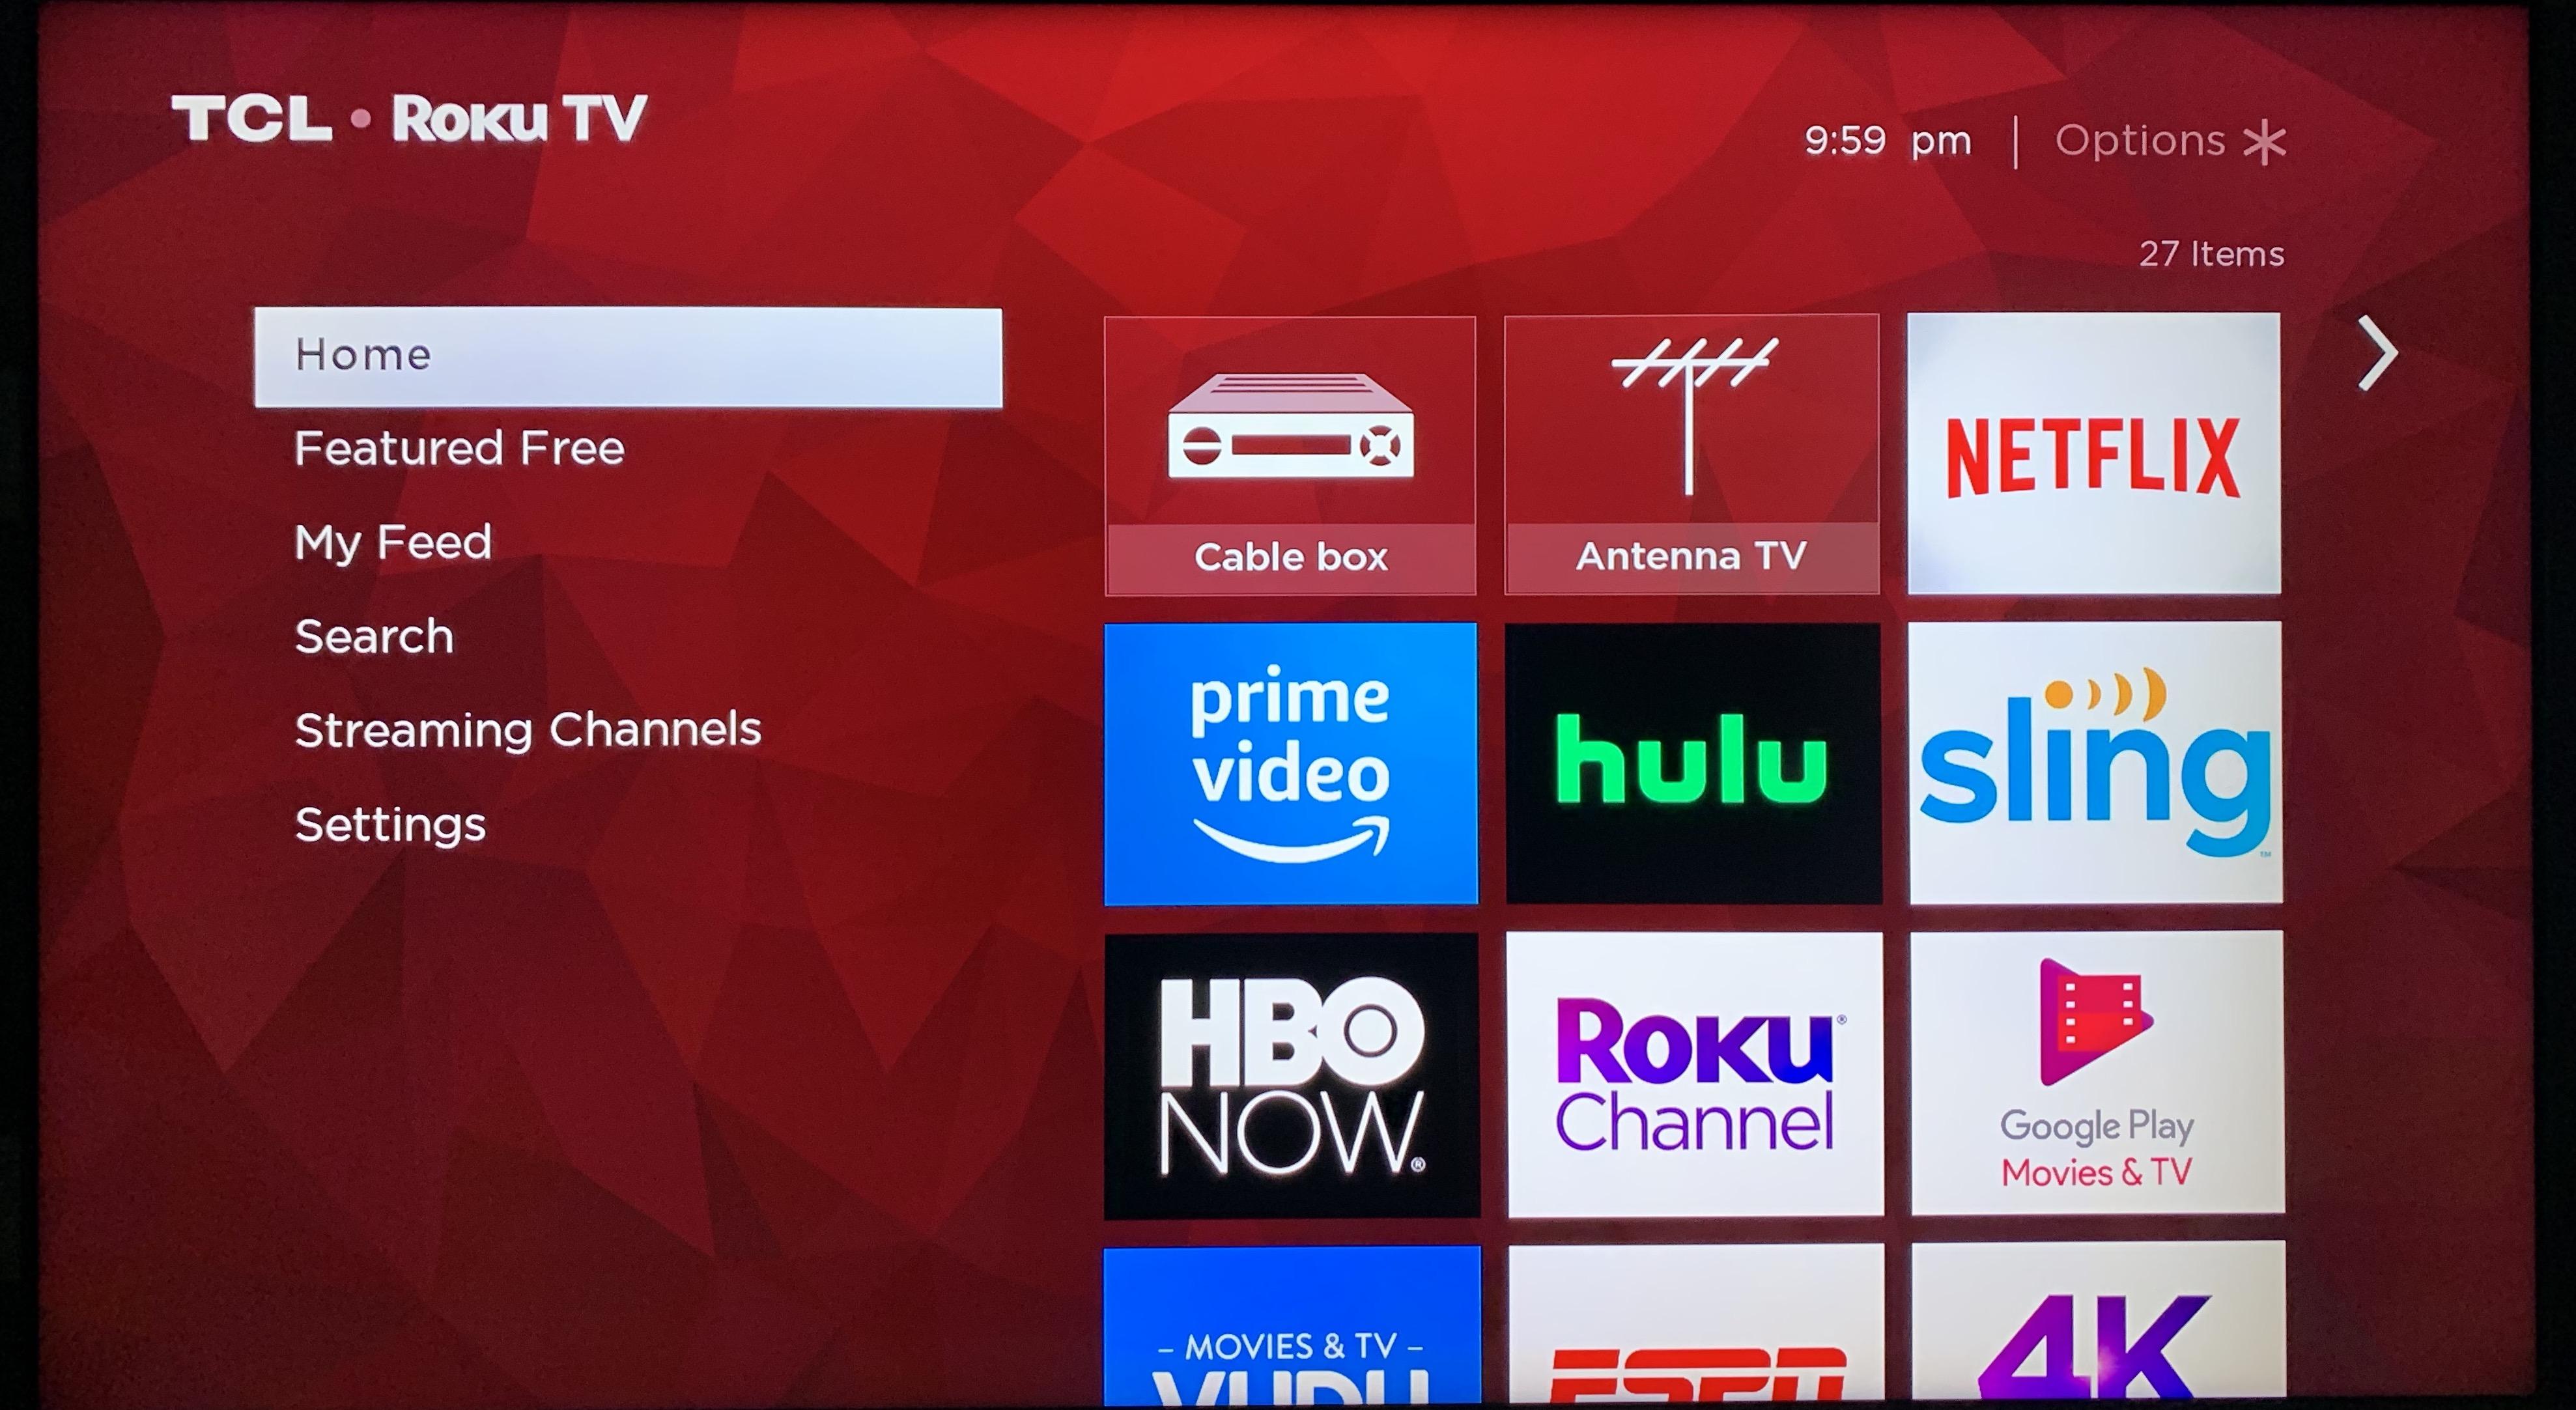 电视自带的Roku TV